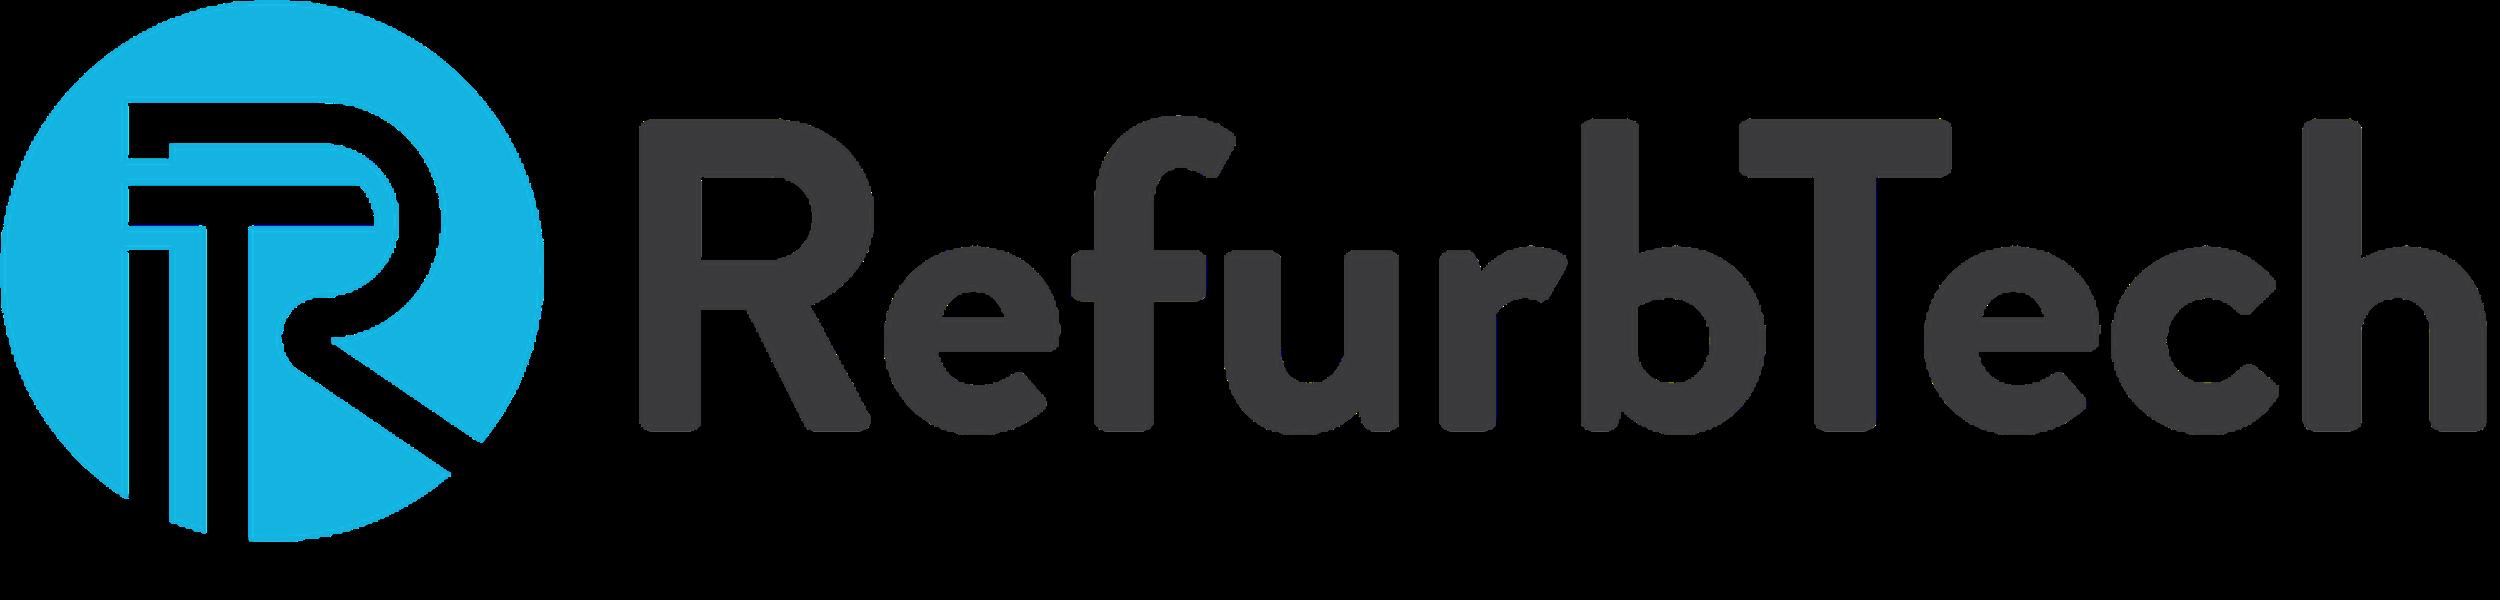 RefurbTech.ie